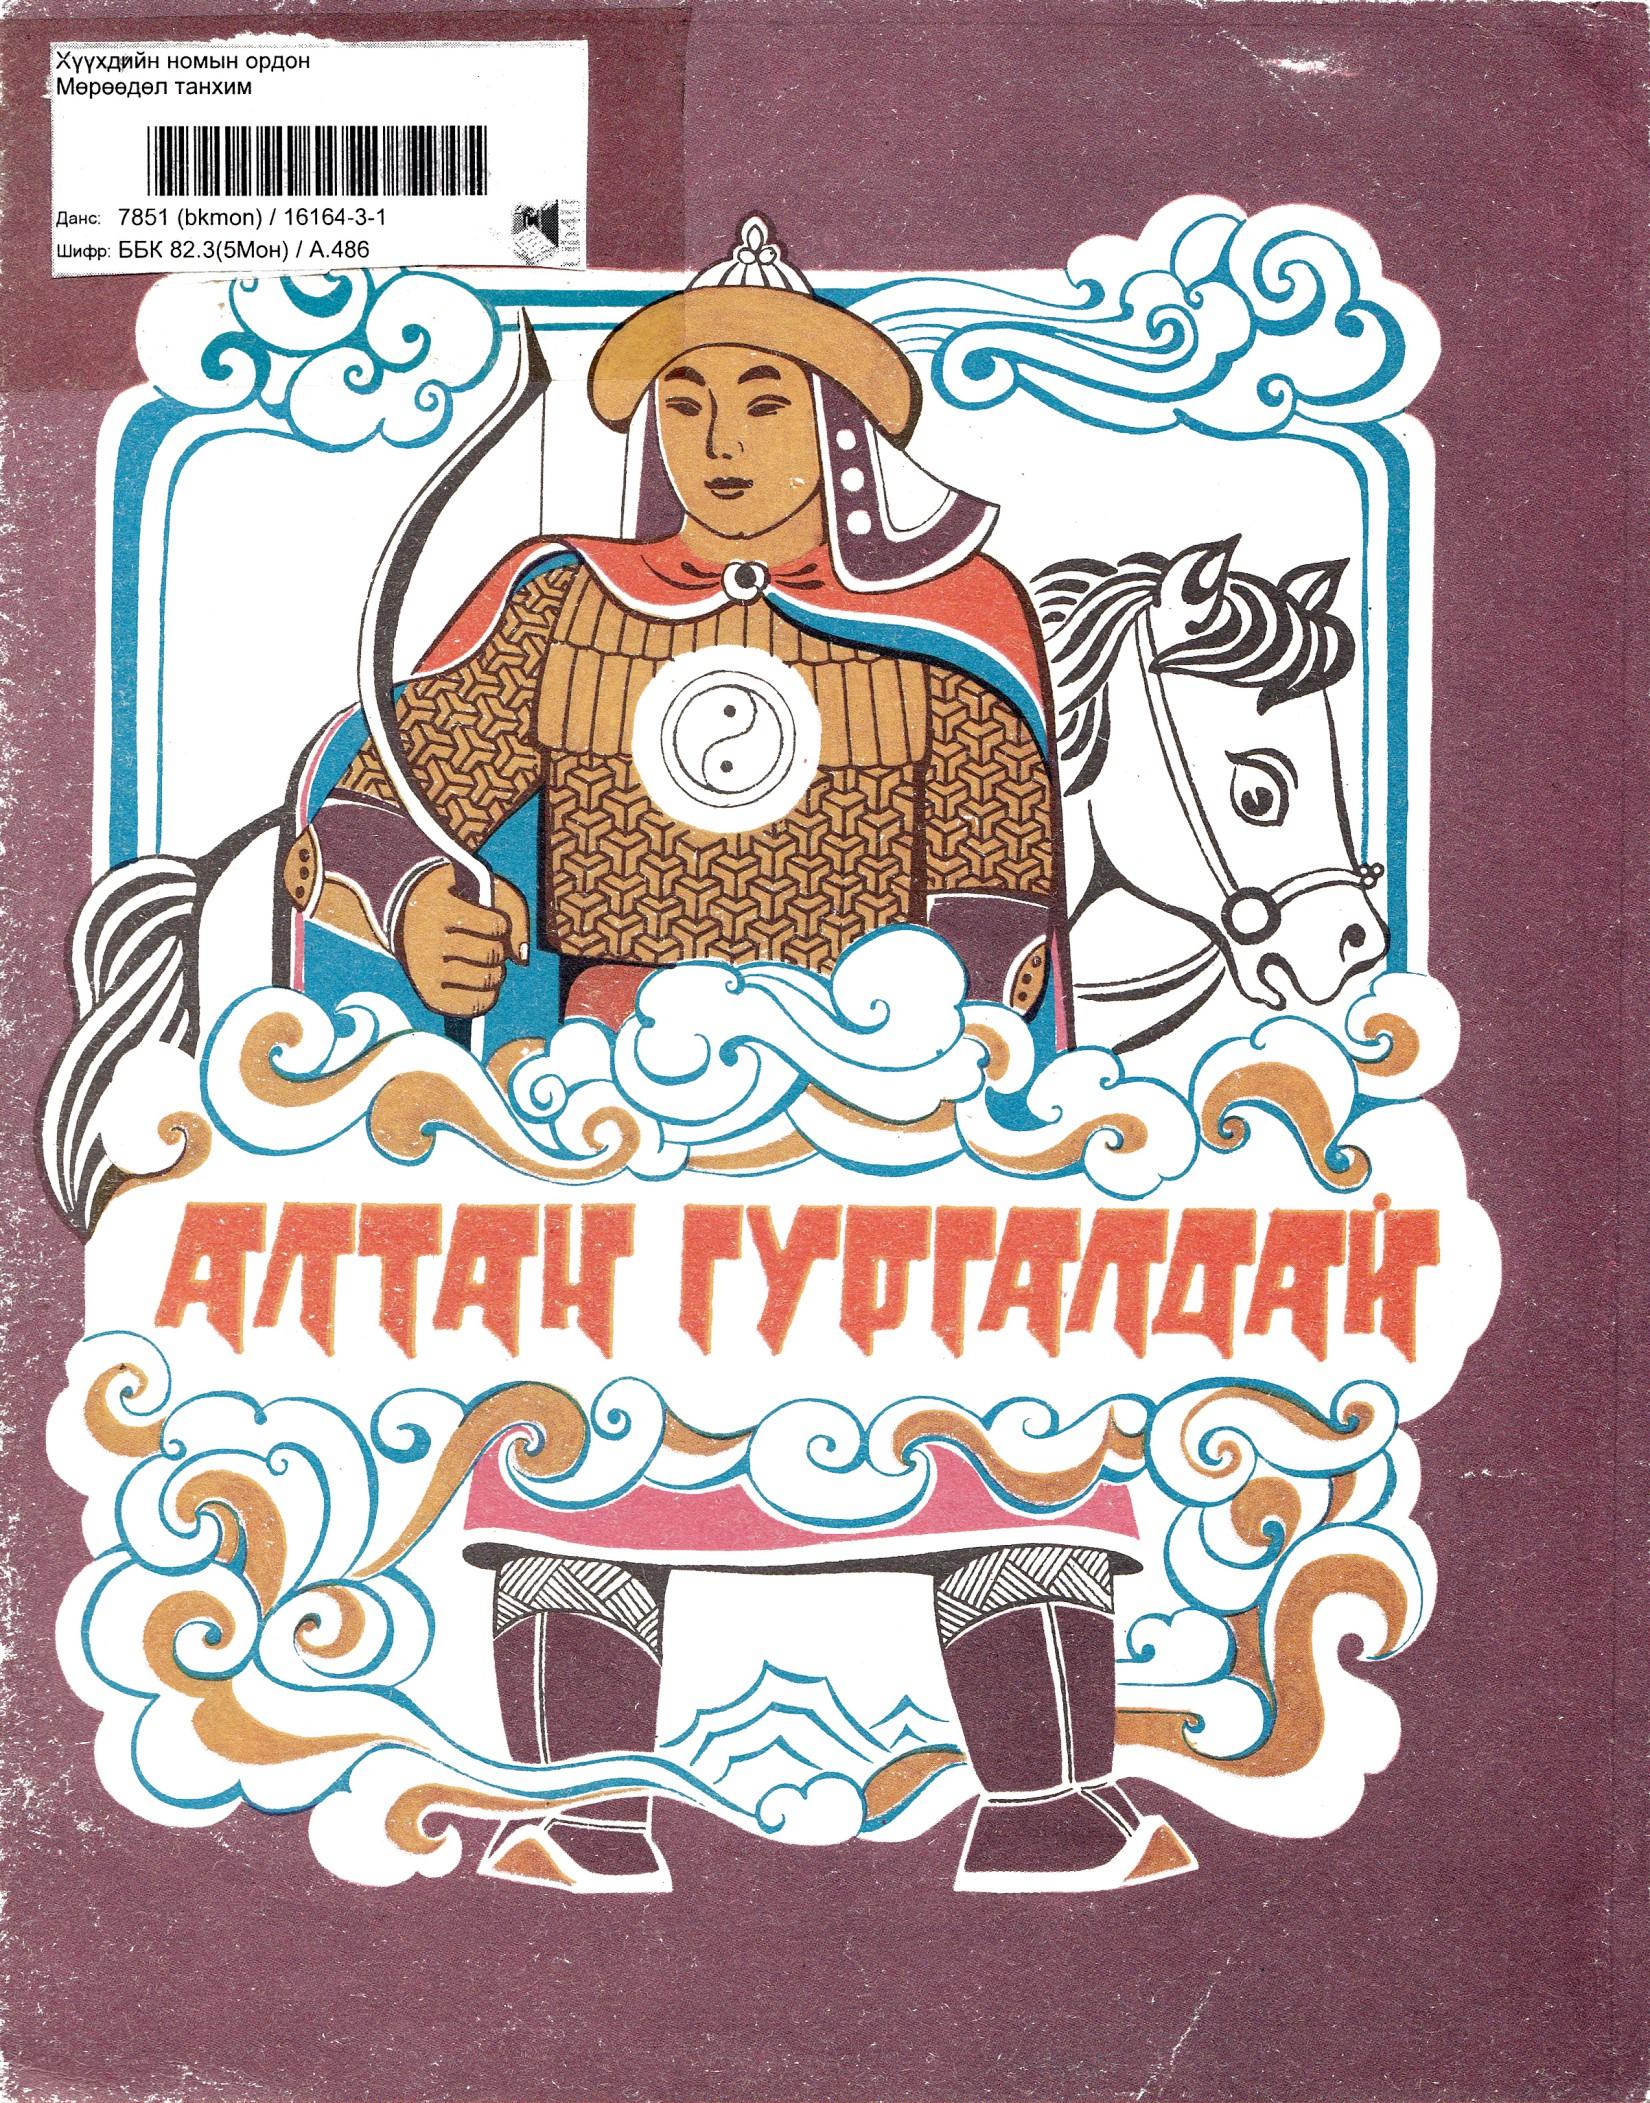 АЛТАН ГУРГАЛДАЙ